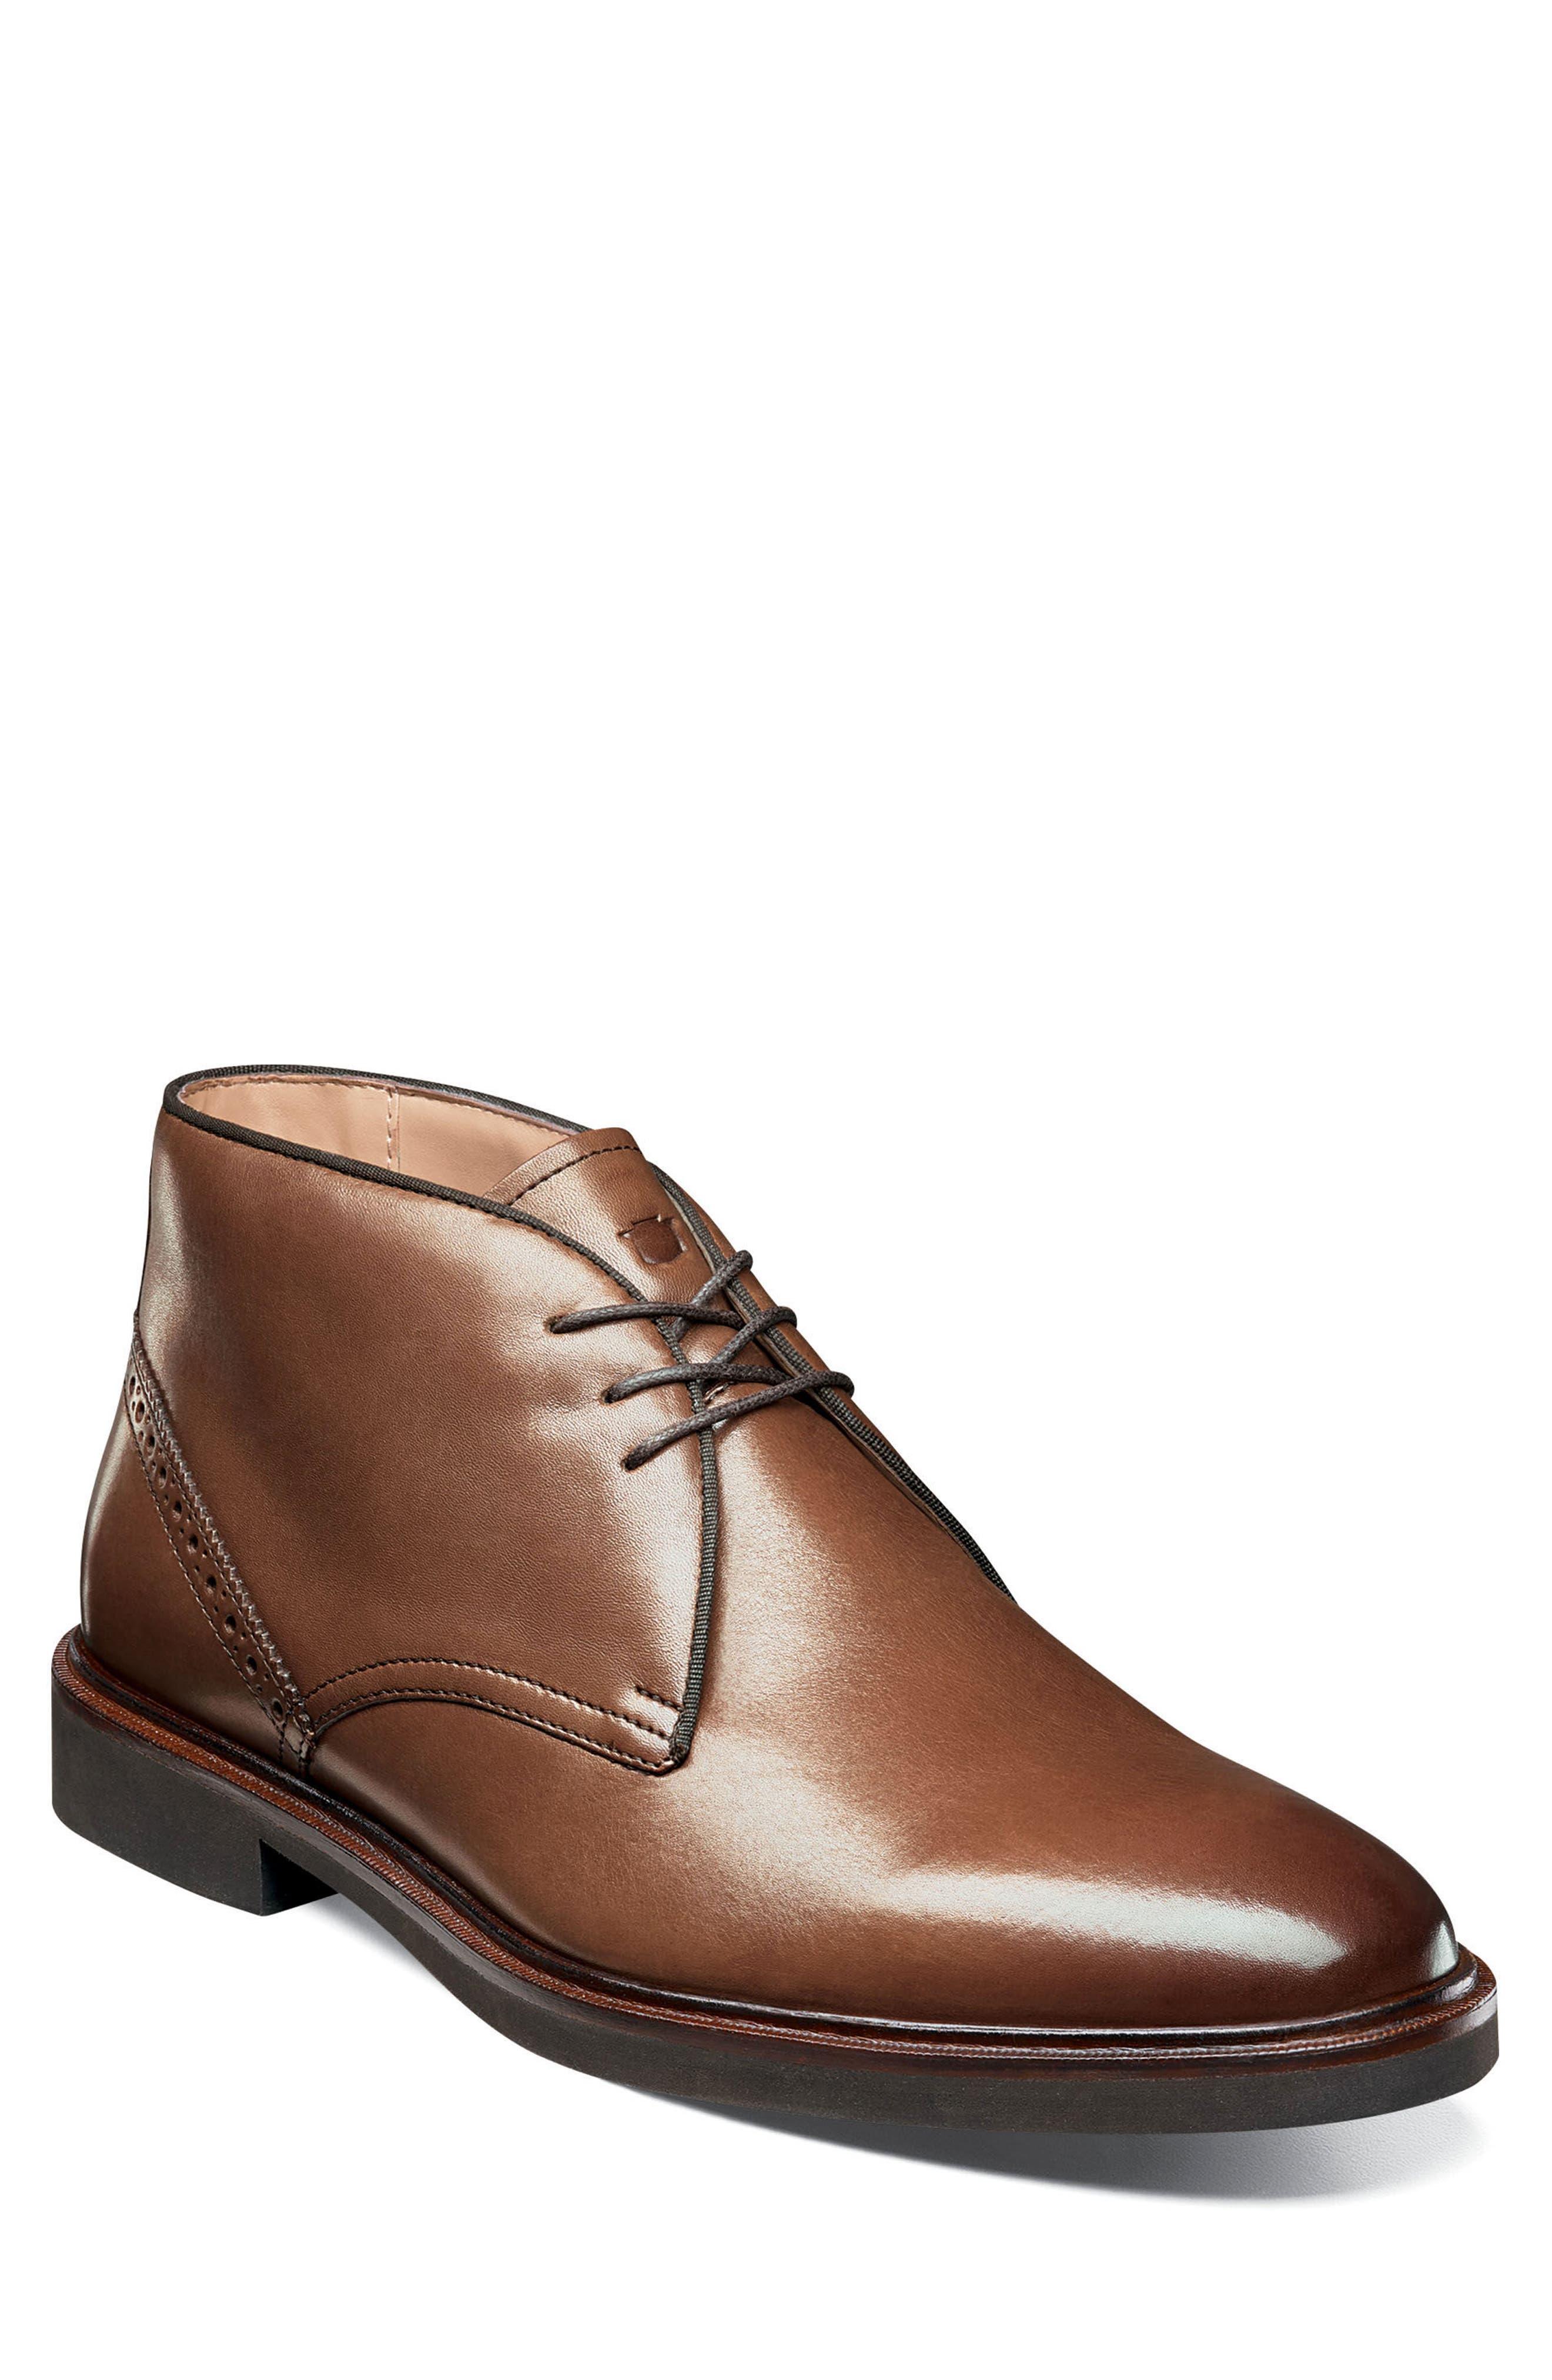 Florsheim Truman Chukka Boot (Men)